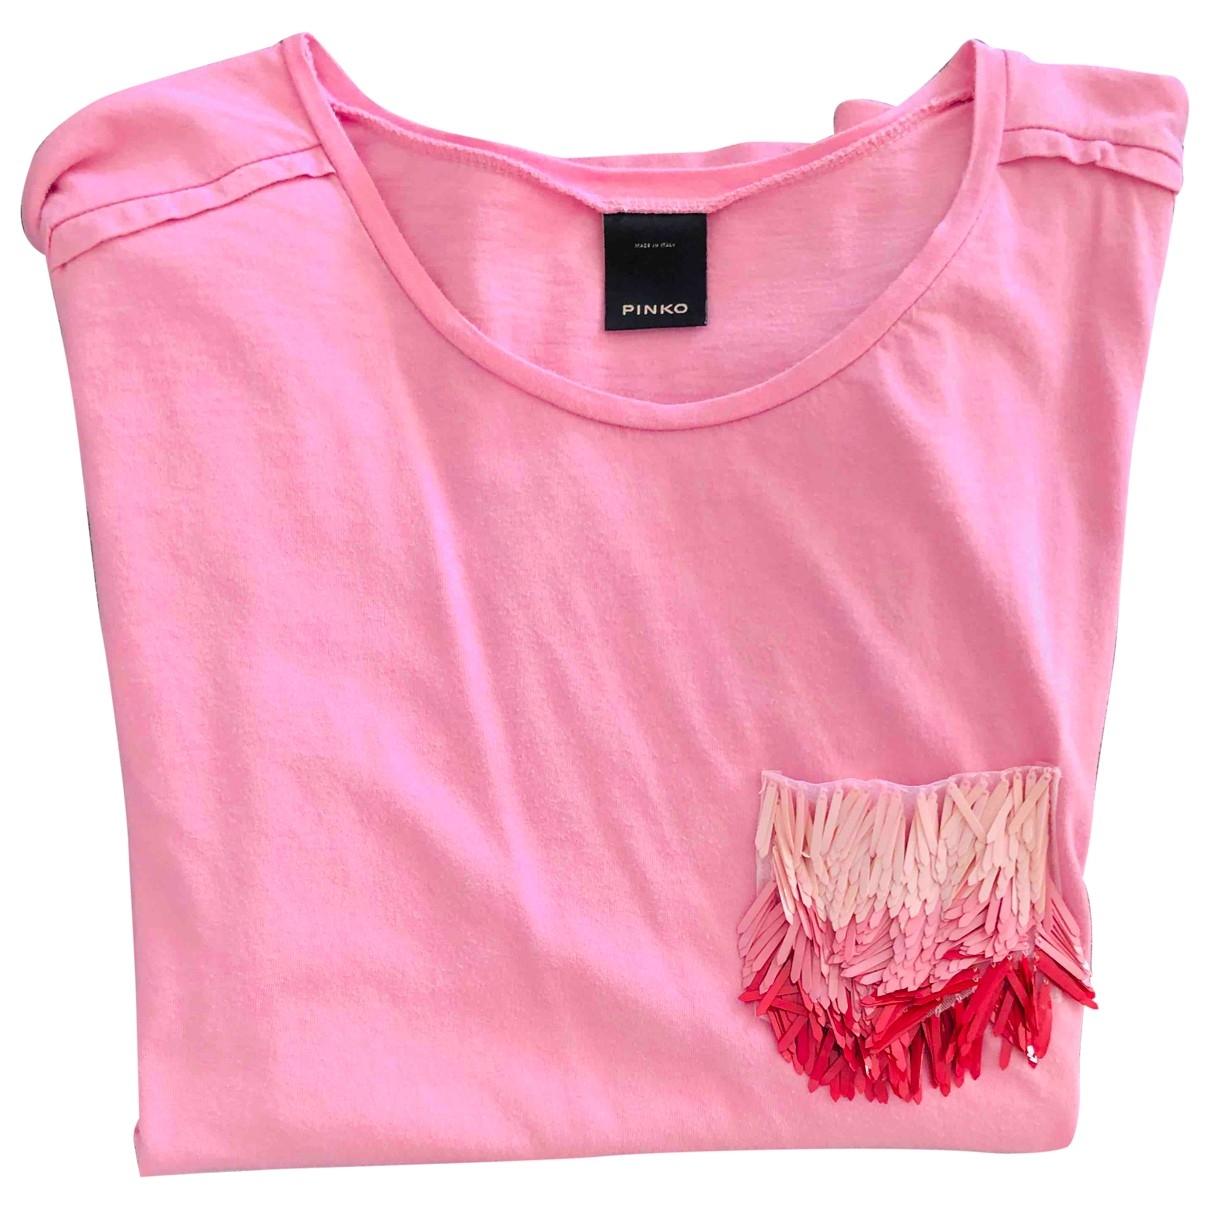 Pinko \N Pink Cotton  top for Women M International